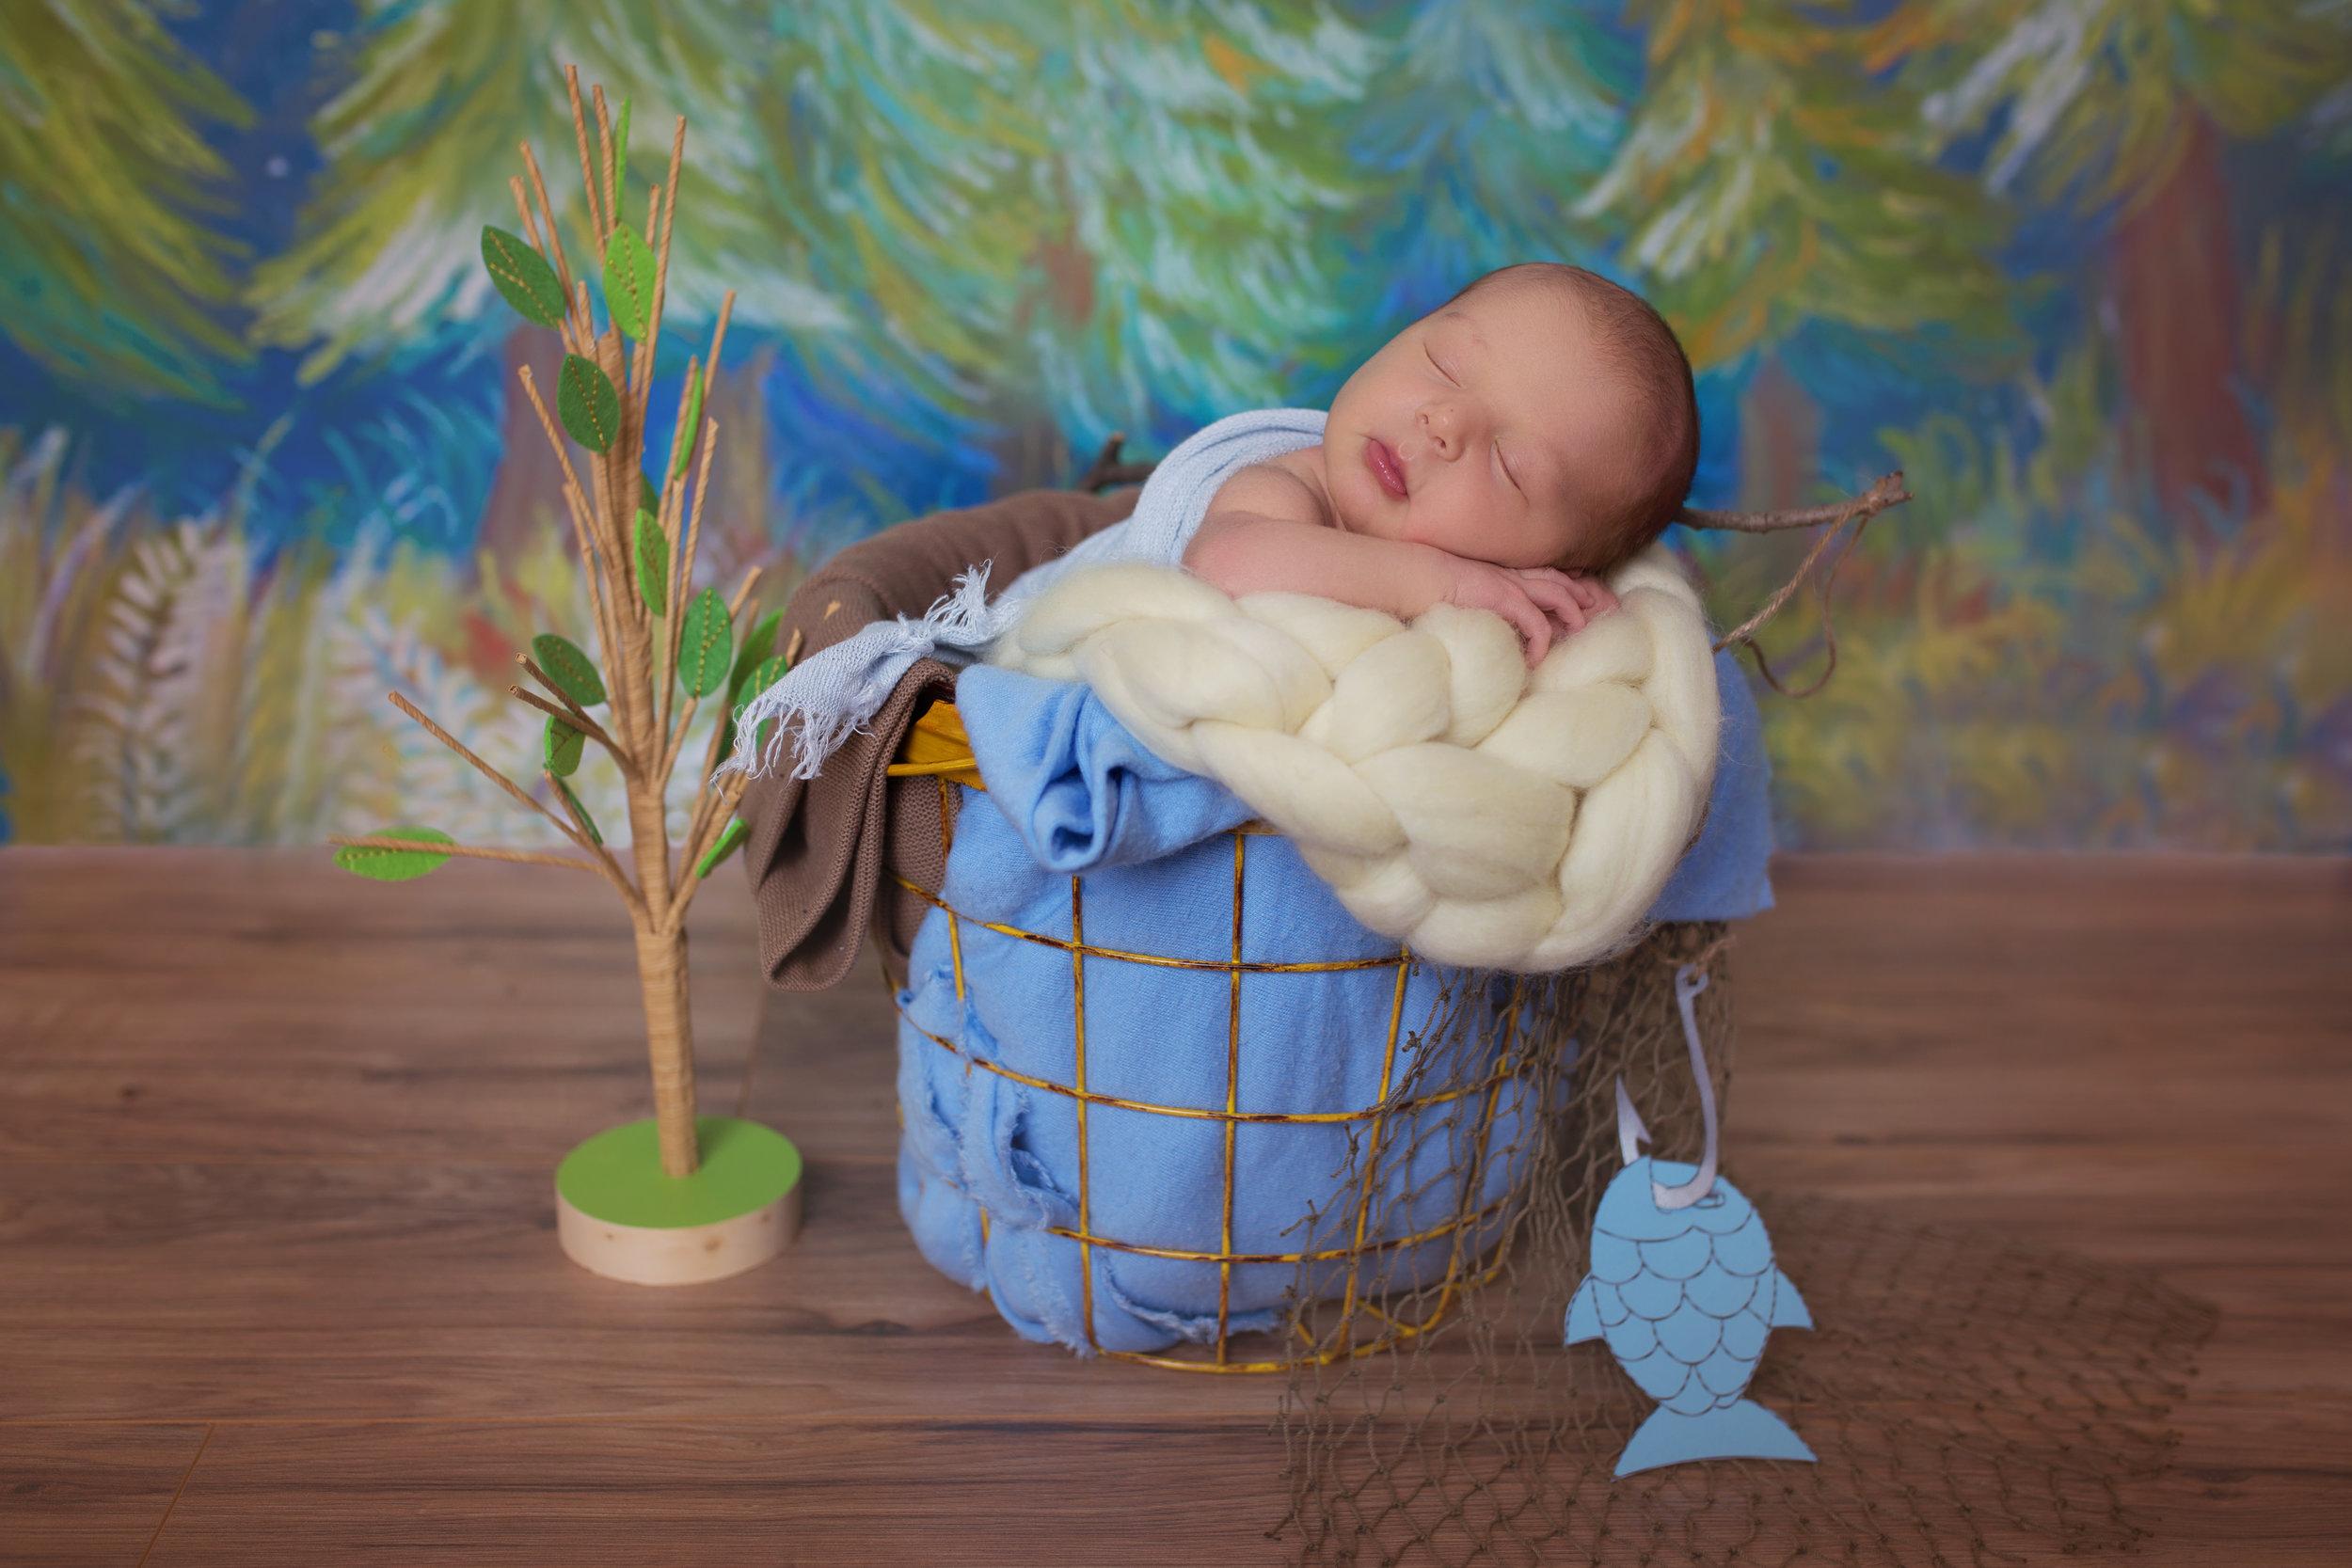 anchorage-newborn-photographer-2.jpg